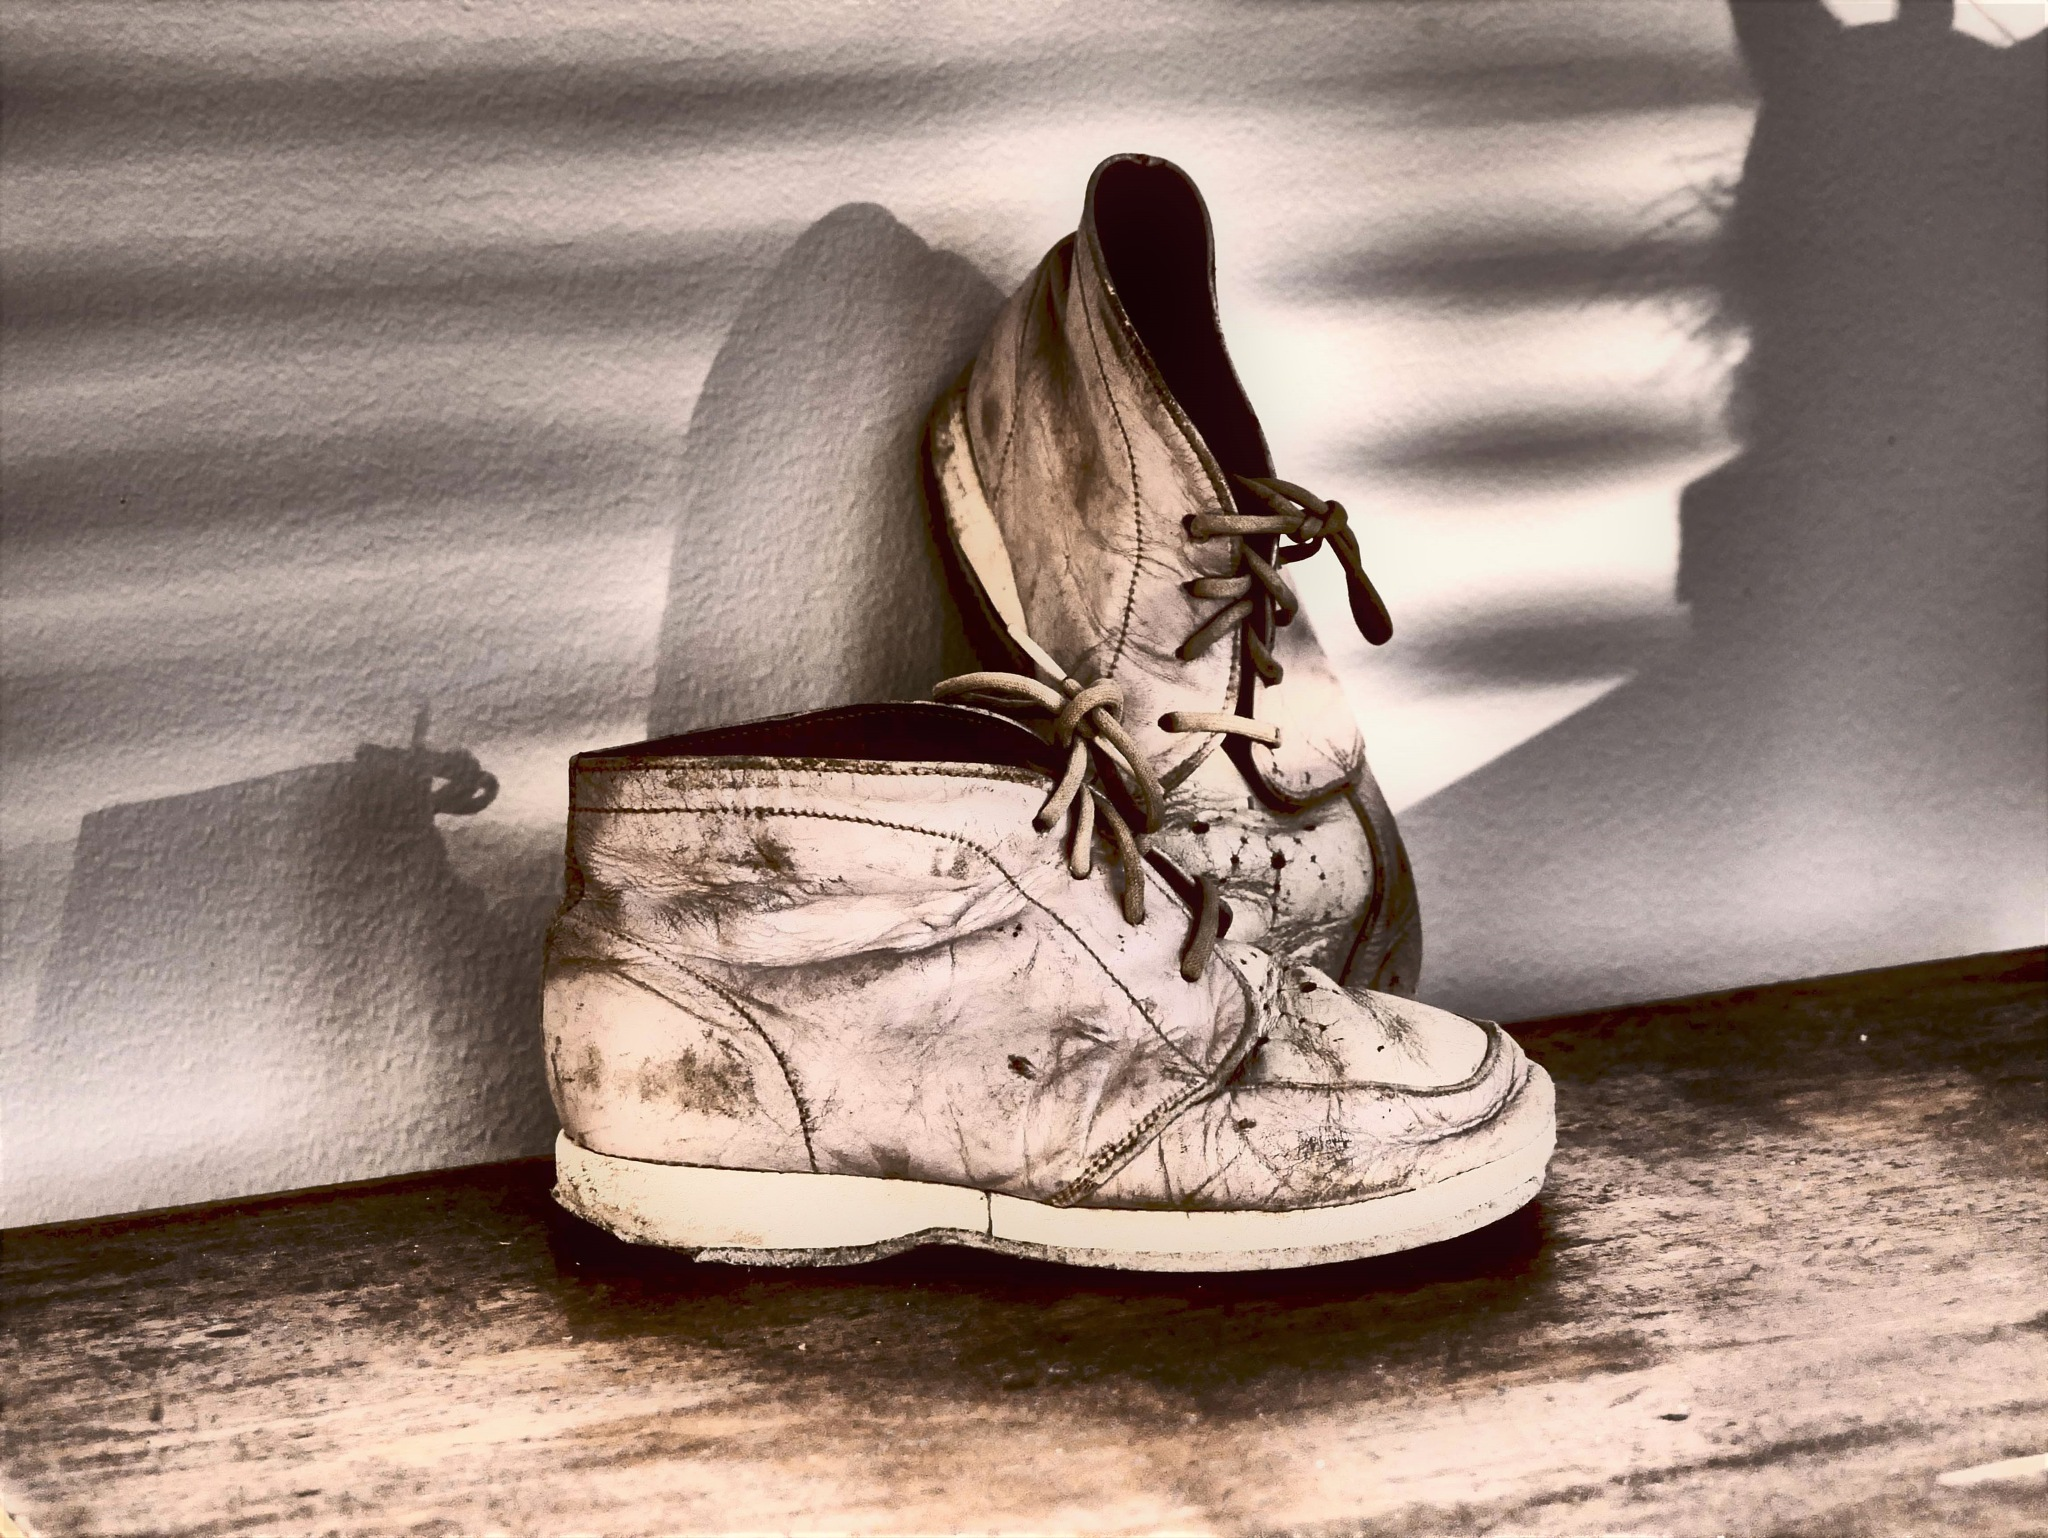 My old shoes! by Cicki Jarneberg